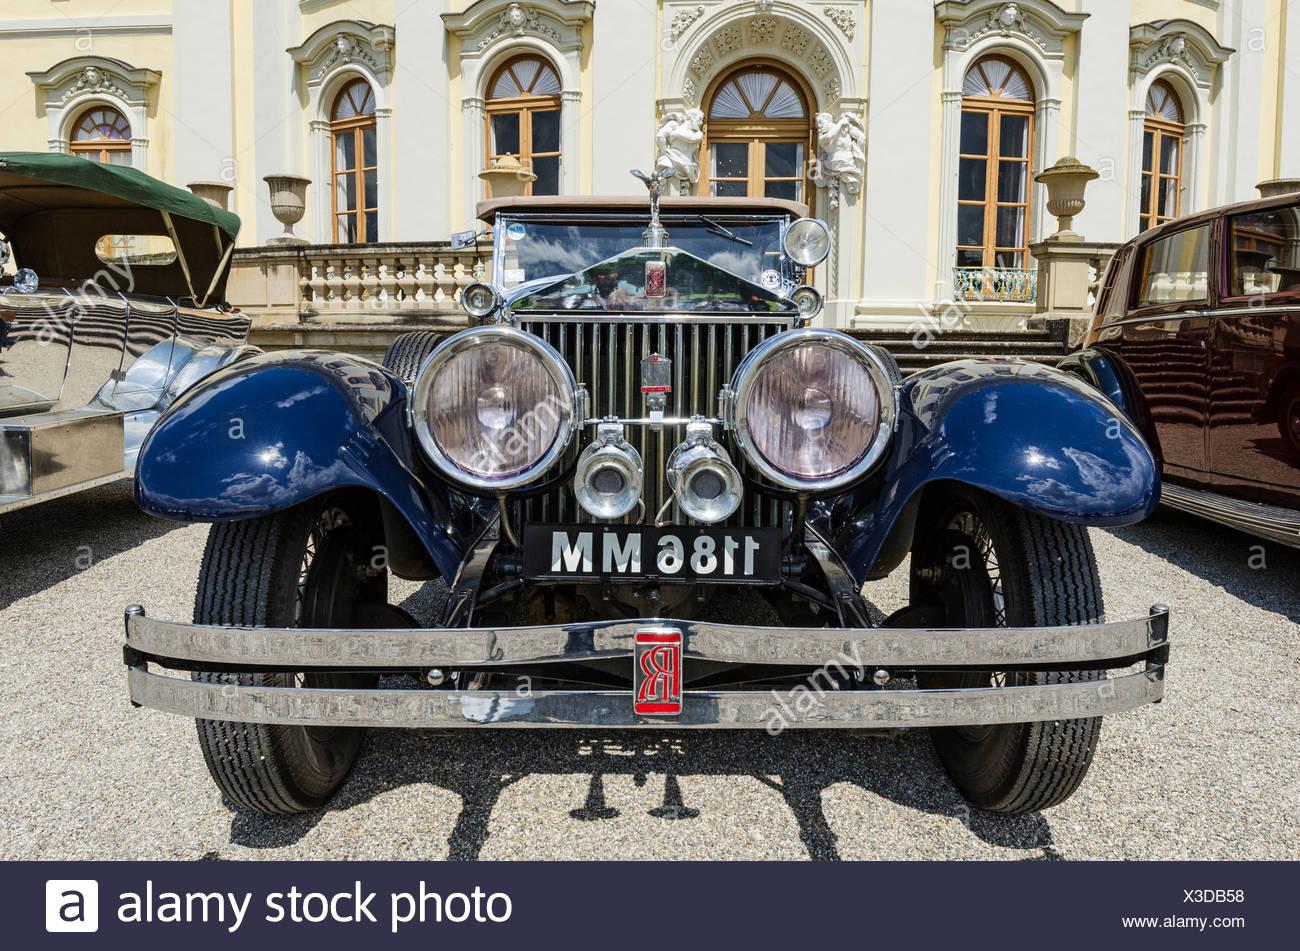 Vista frontal de un Rolls-Royce coches clásicos, clásicos cumple Barock reunión de coches clásicos, palacio de Ludwigsburg, región administrativa de Imagen De Stock